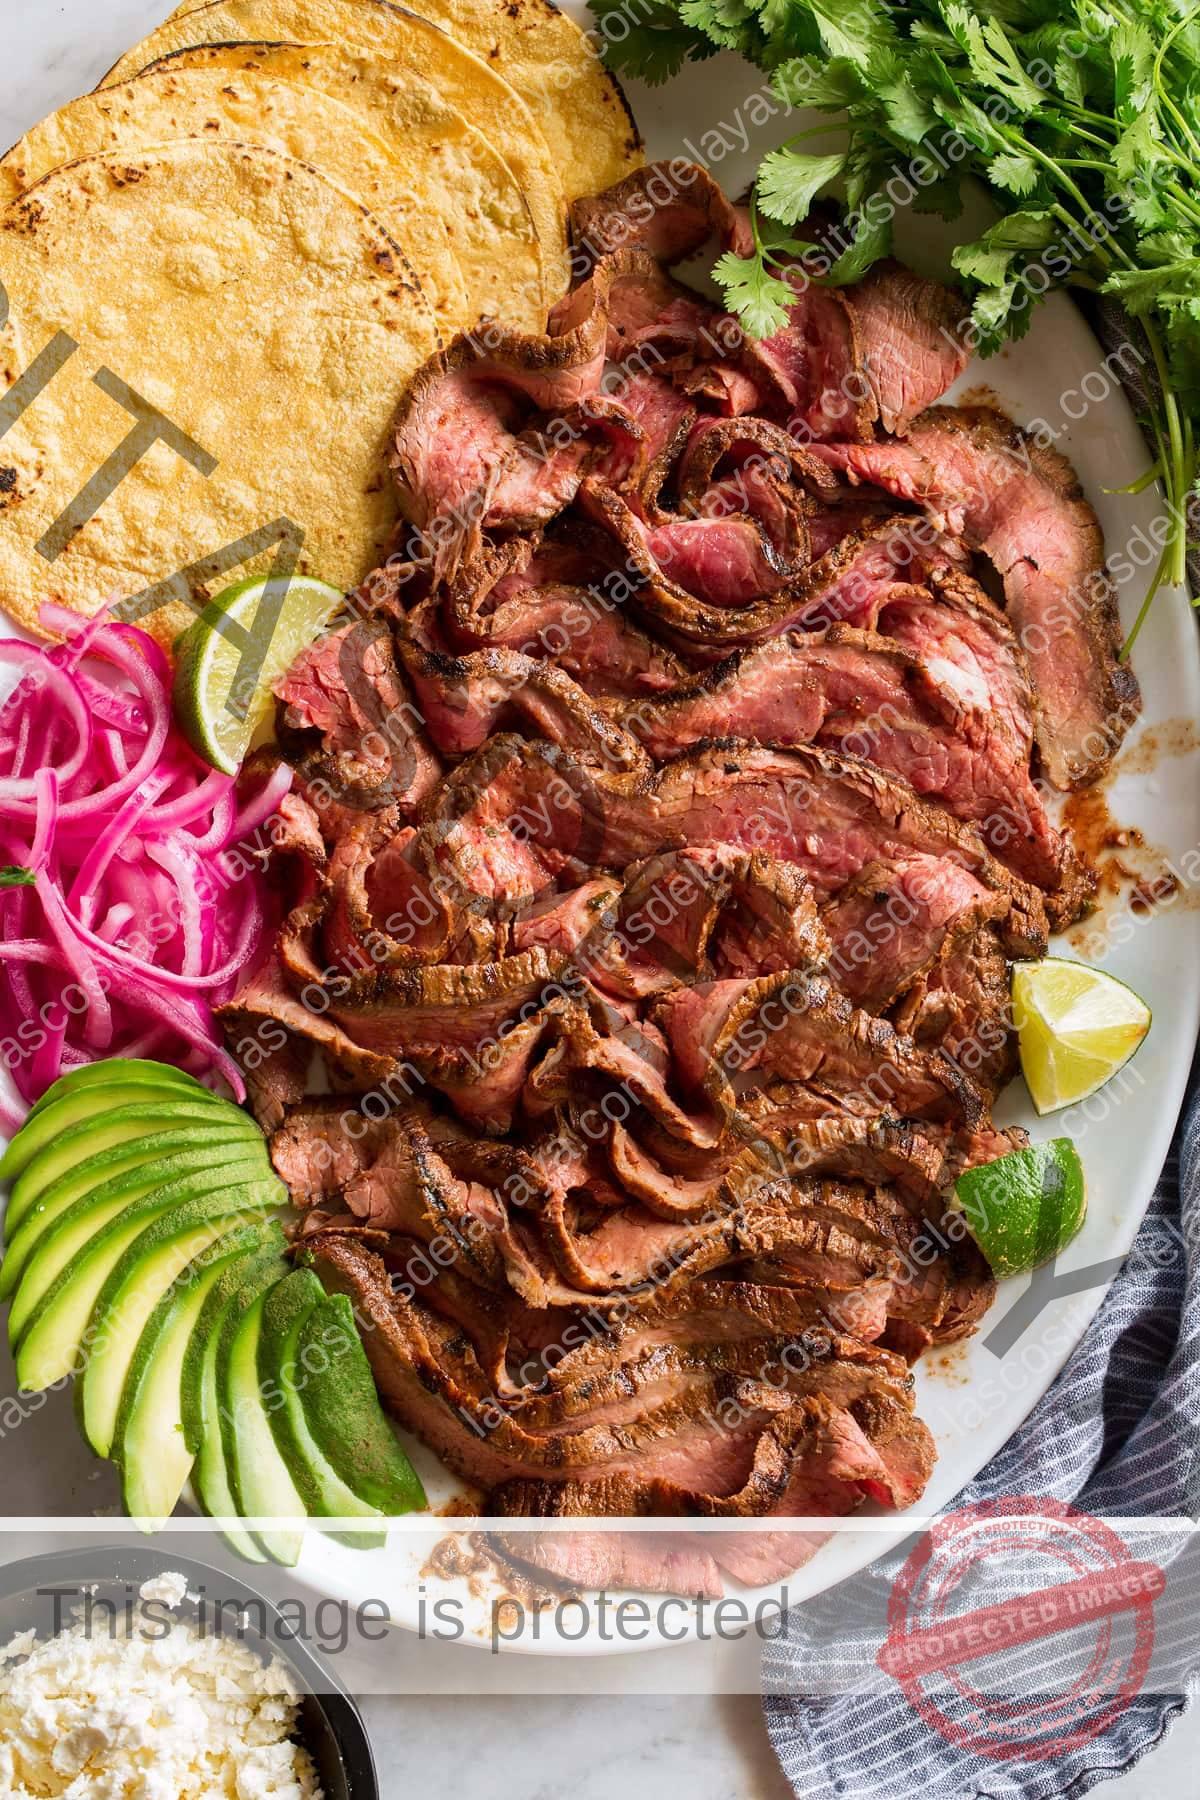 Imagen aérea de asada de carne en rodajas finas en una fuente con tortillas, cebolla, aguacate, limón y cilantro.